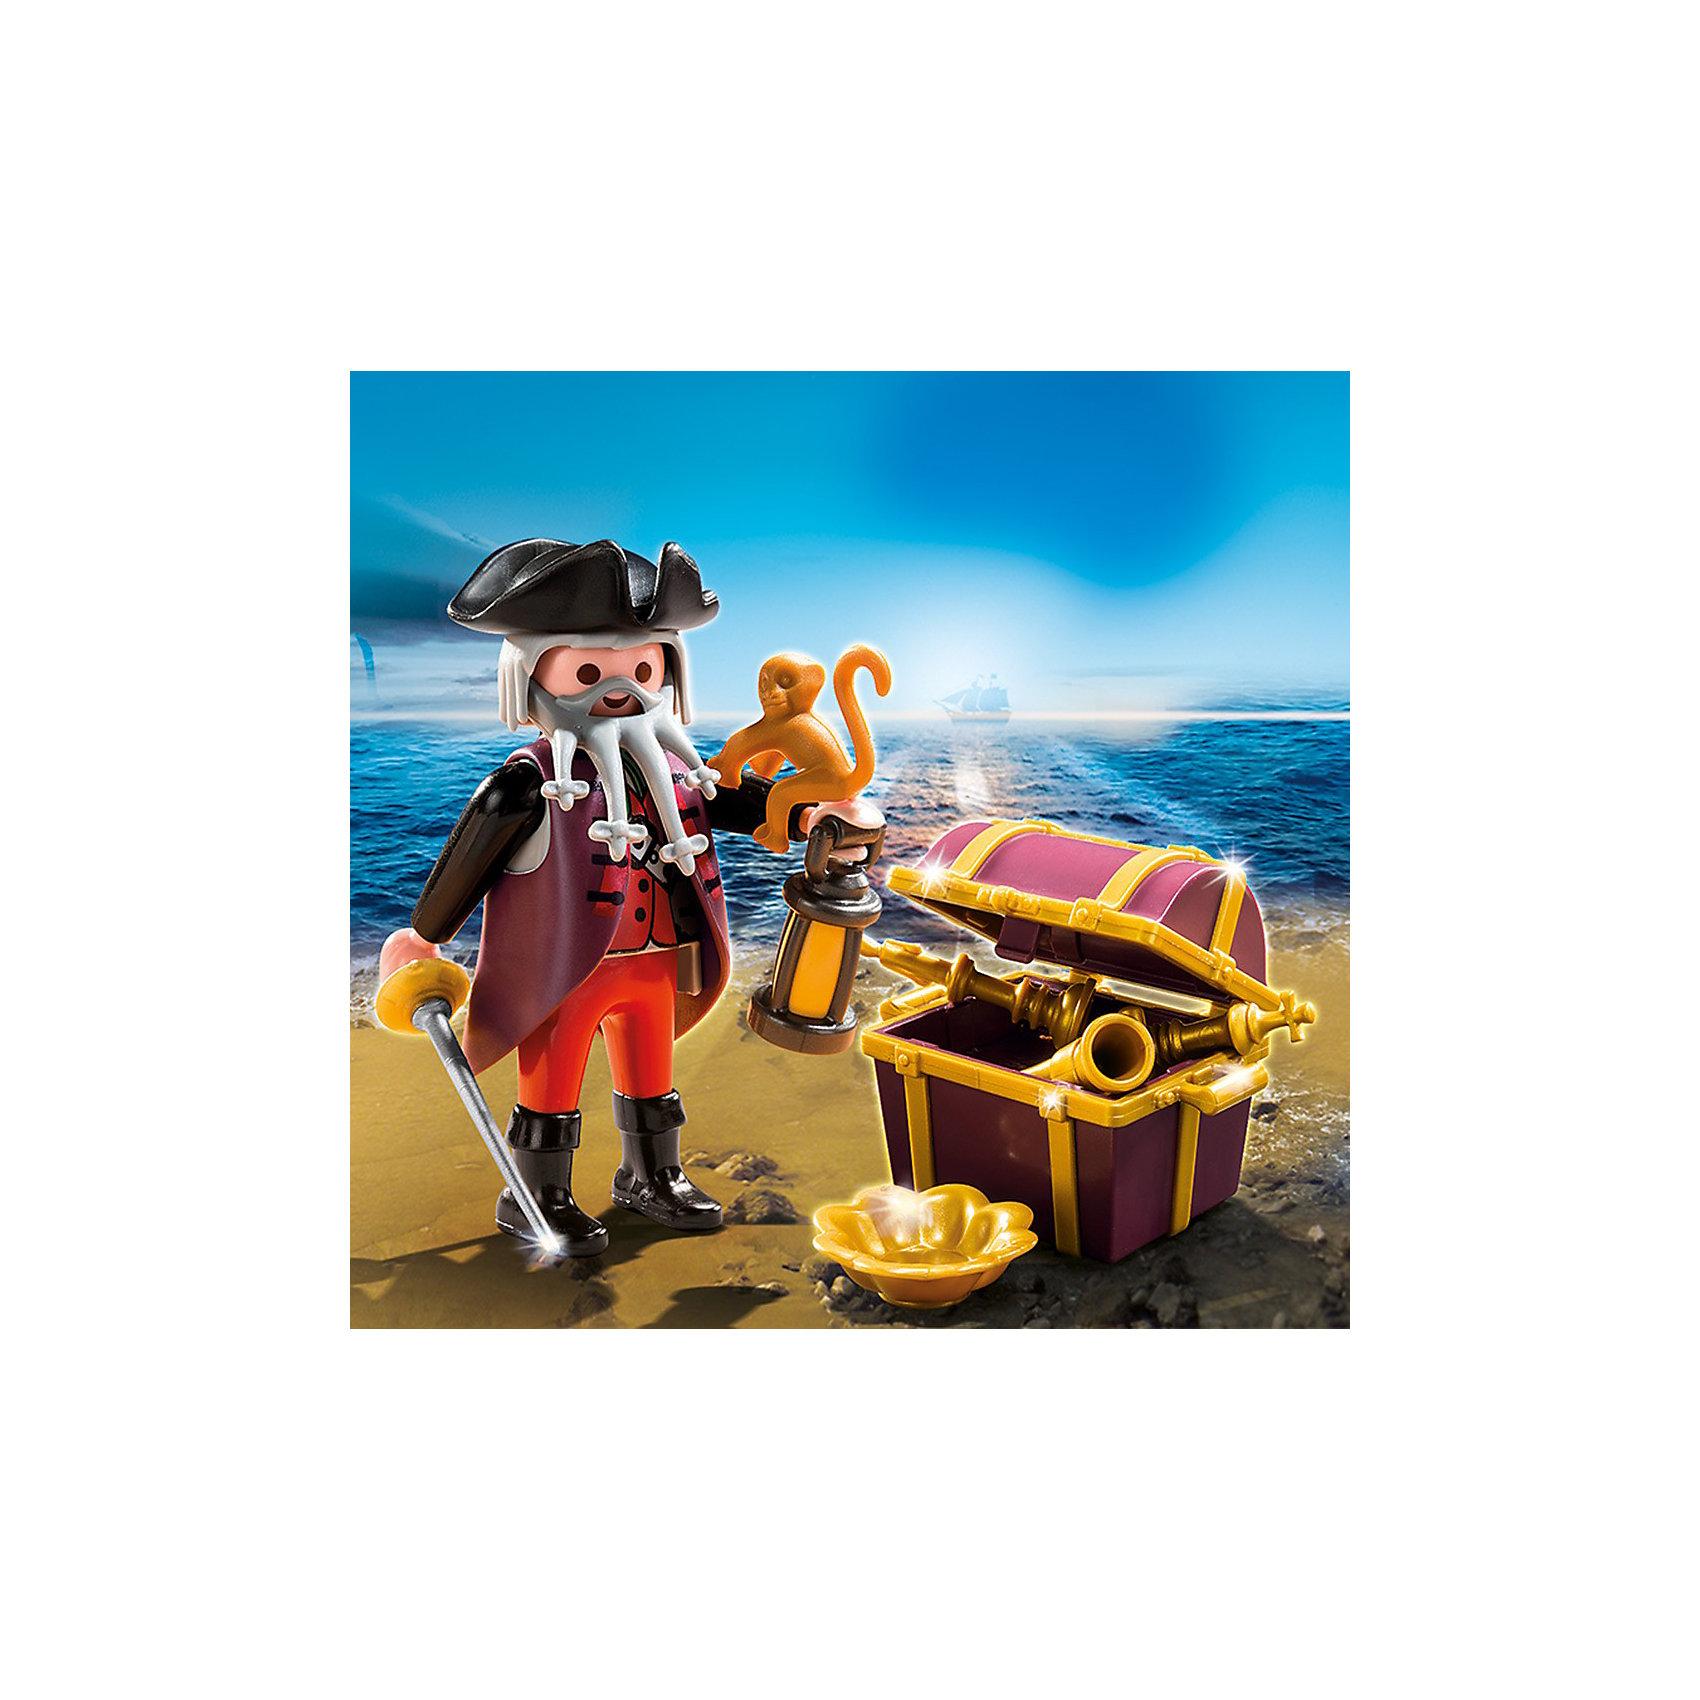 PLAYMOBIL 4783 Дополнение: Пират и сундук с сокровищами